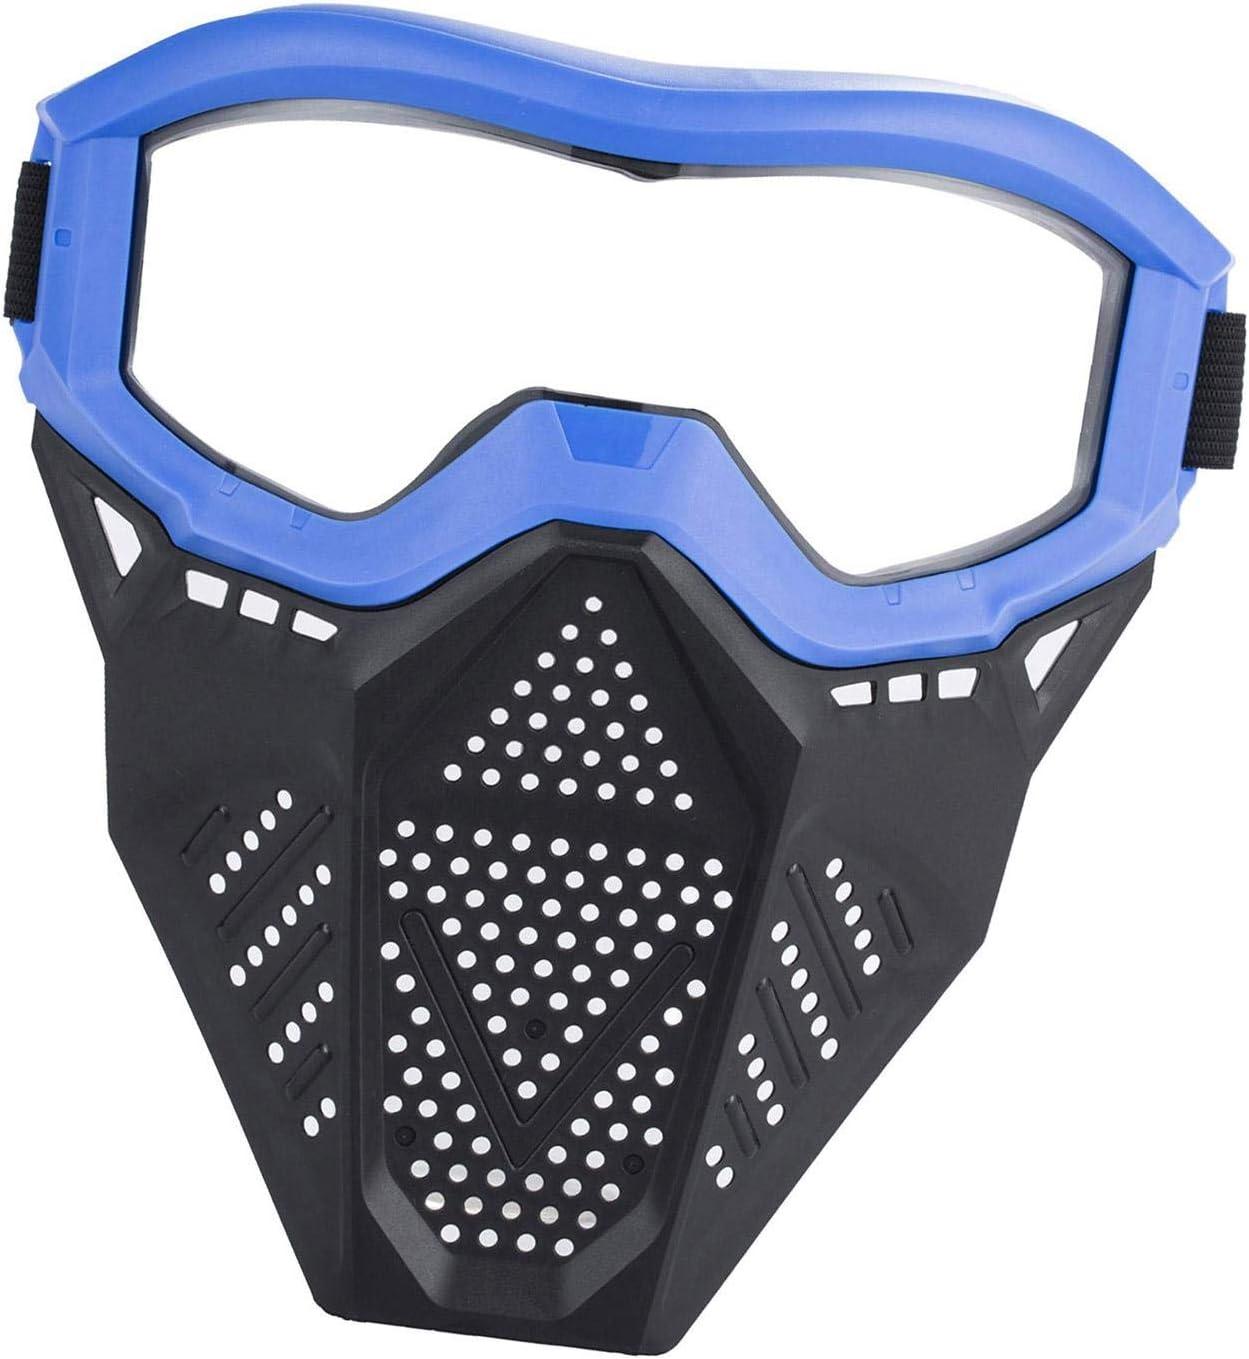 Maschera Tattica Surper Giocattolo Per Equipaggiamento Protettivo Con Maschera Da Battaglia A Pallottola Morbida Protezione Per Il Viso Da Tiro Per Bambini Equipaggiamento Regolabile